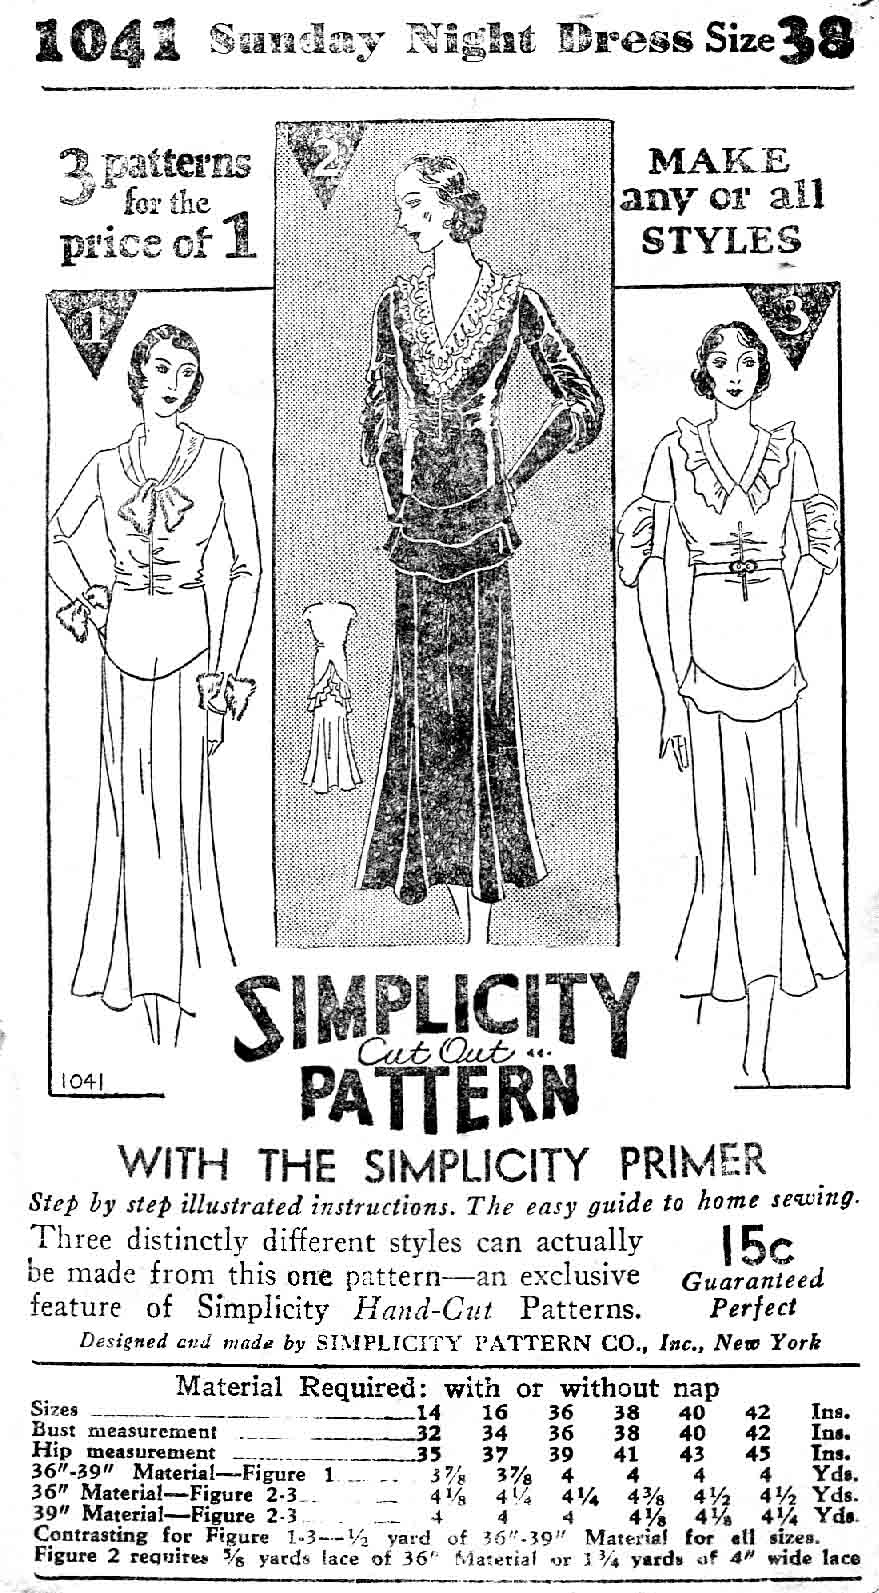 Simplicity 1041 A